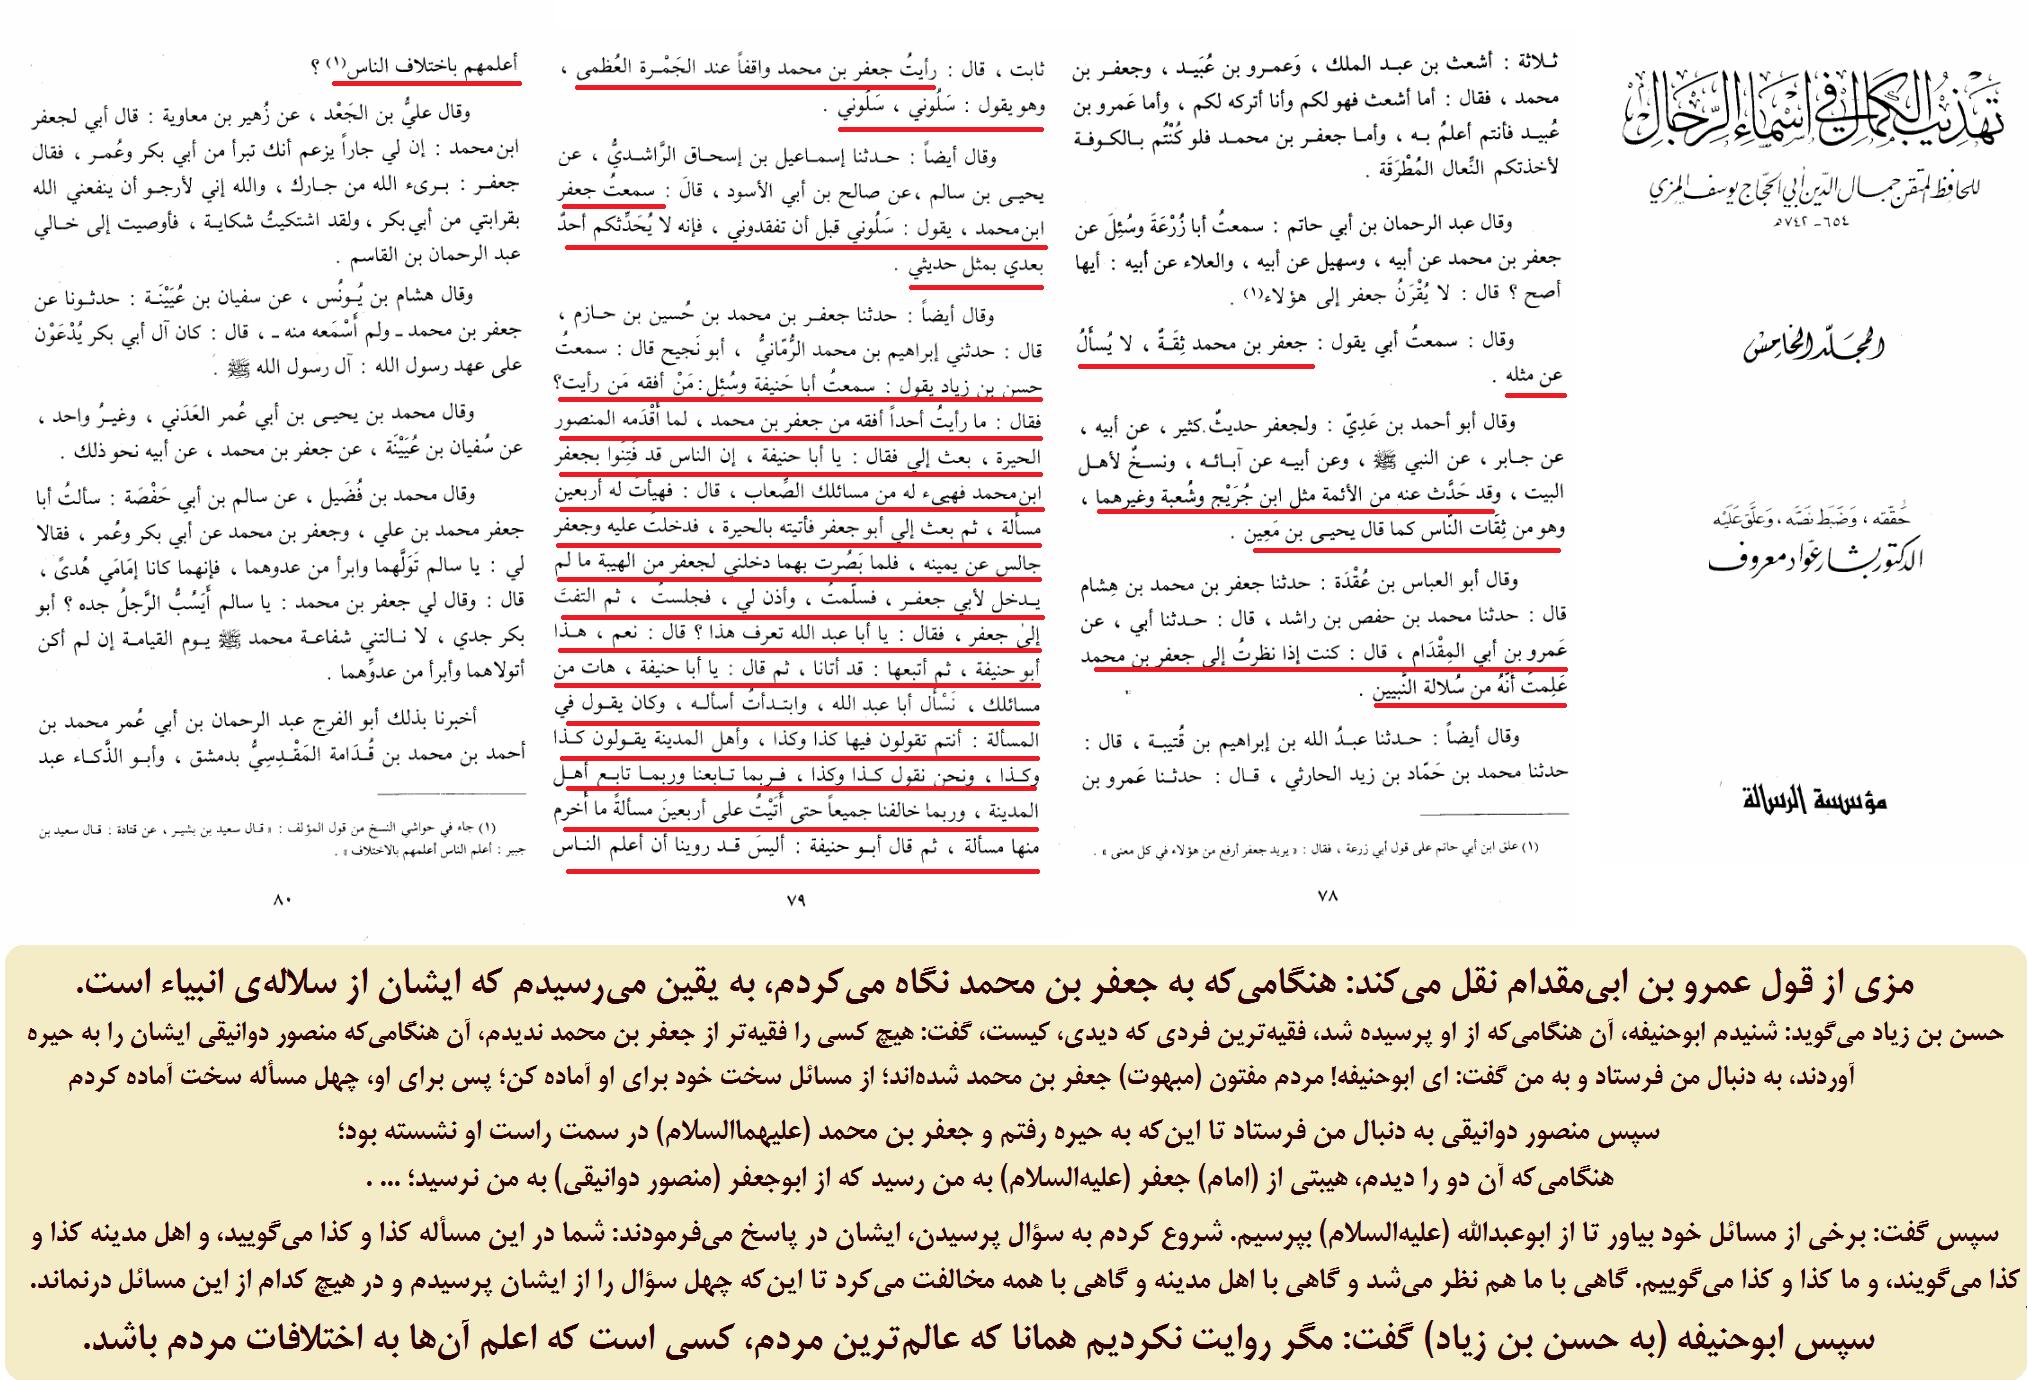 حکایت هنرنمایی فقهی امام صادق (علیهالسلام) در حضور منصور